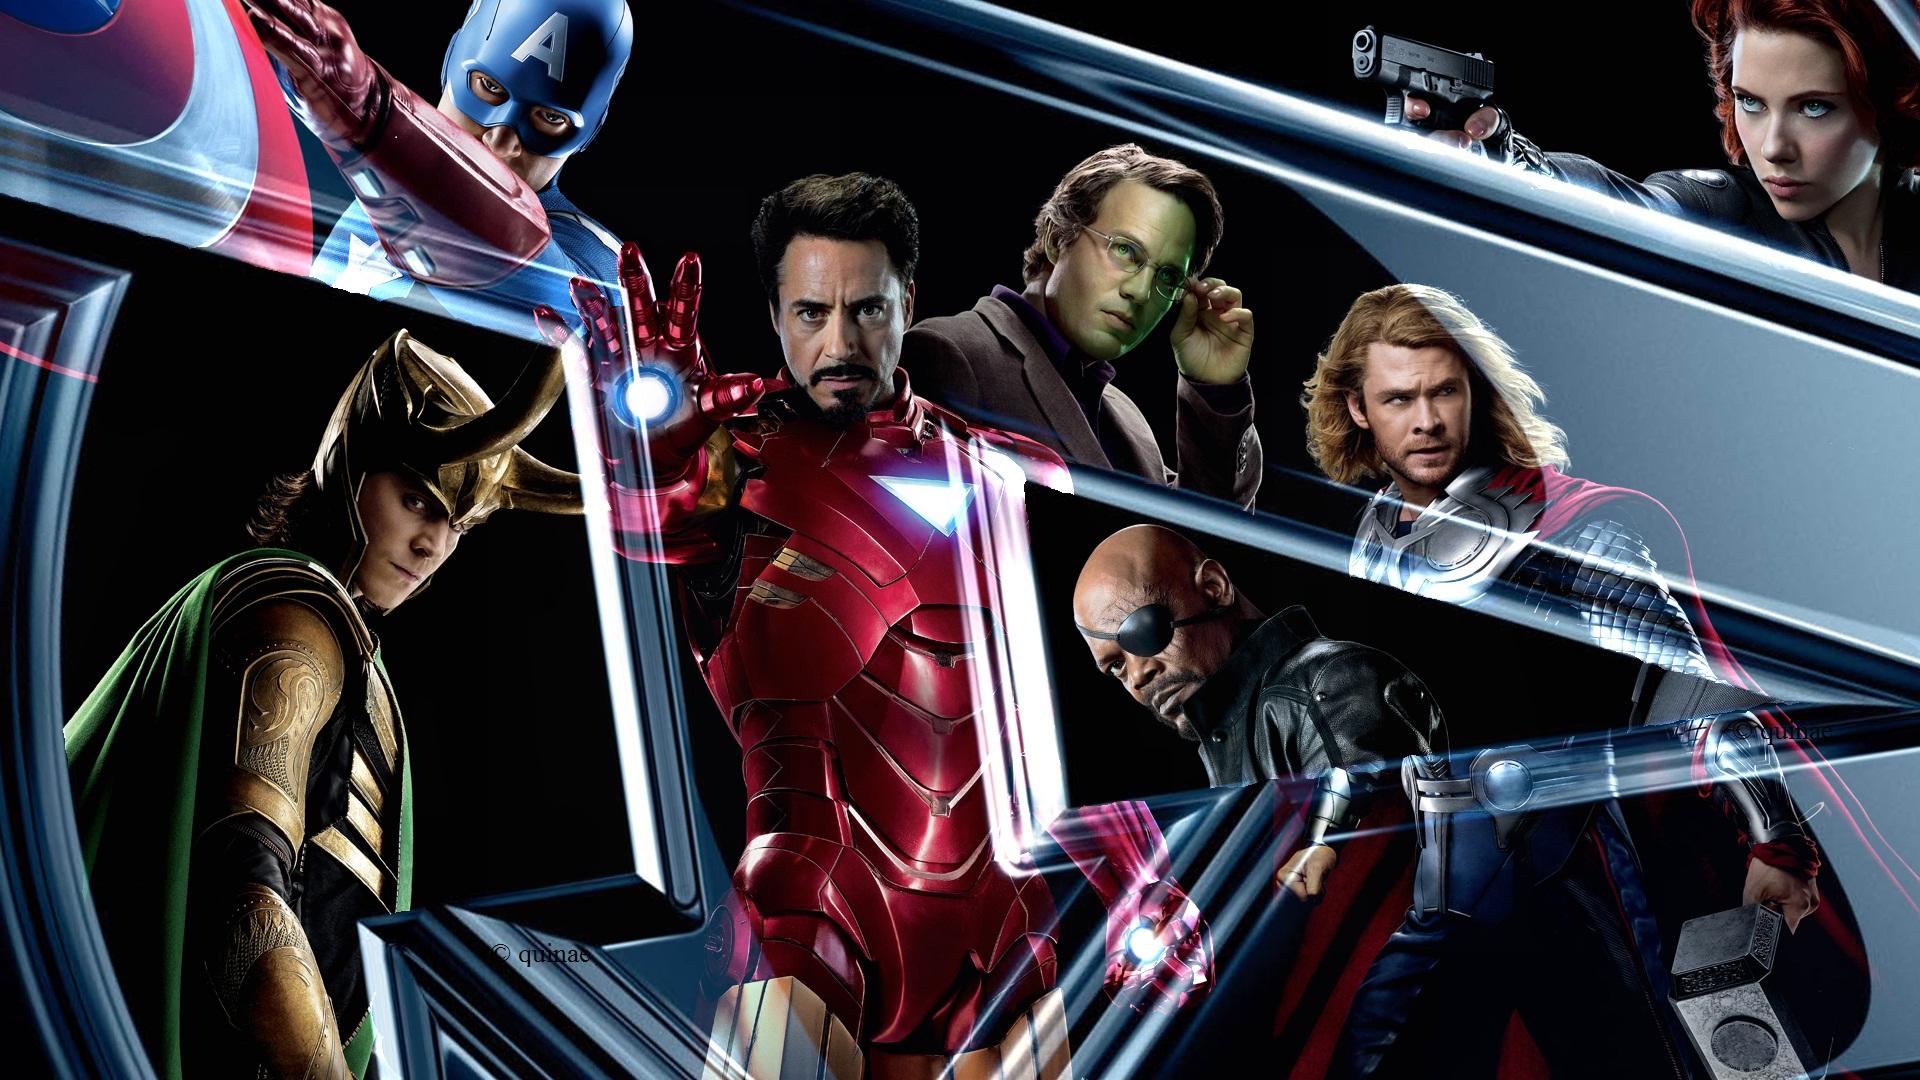 Avengers  № 1390904 загрузить